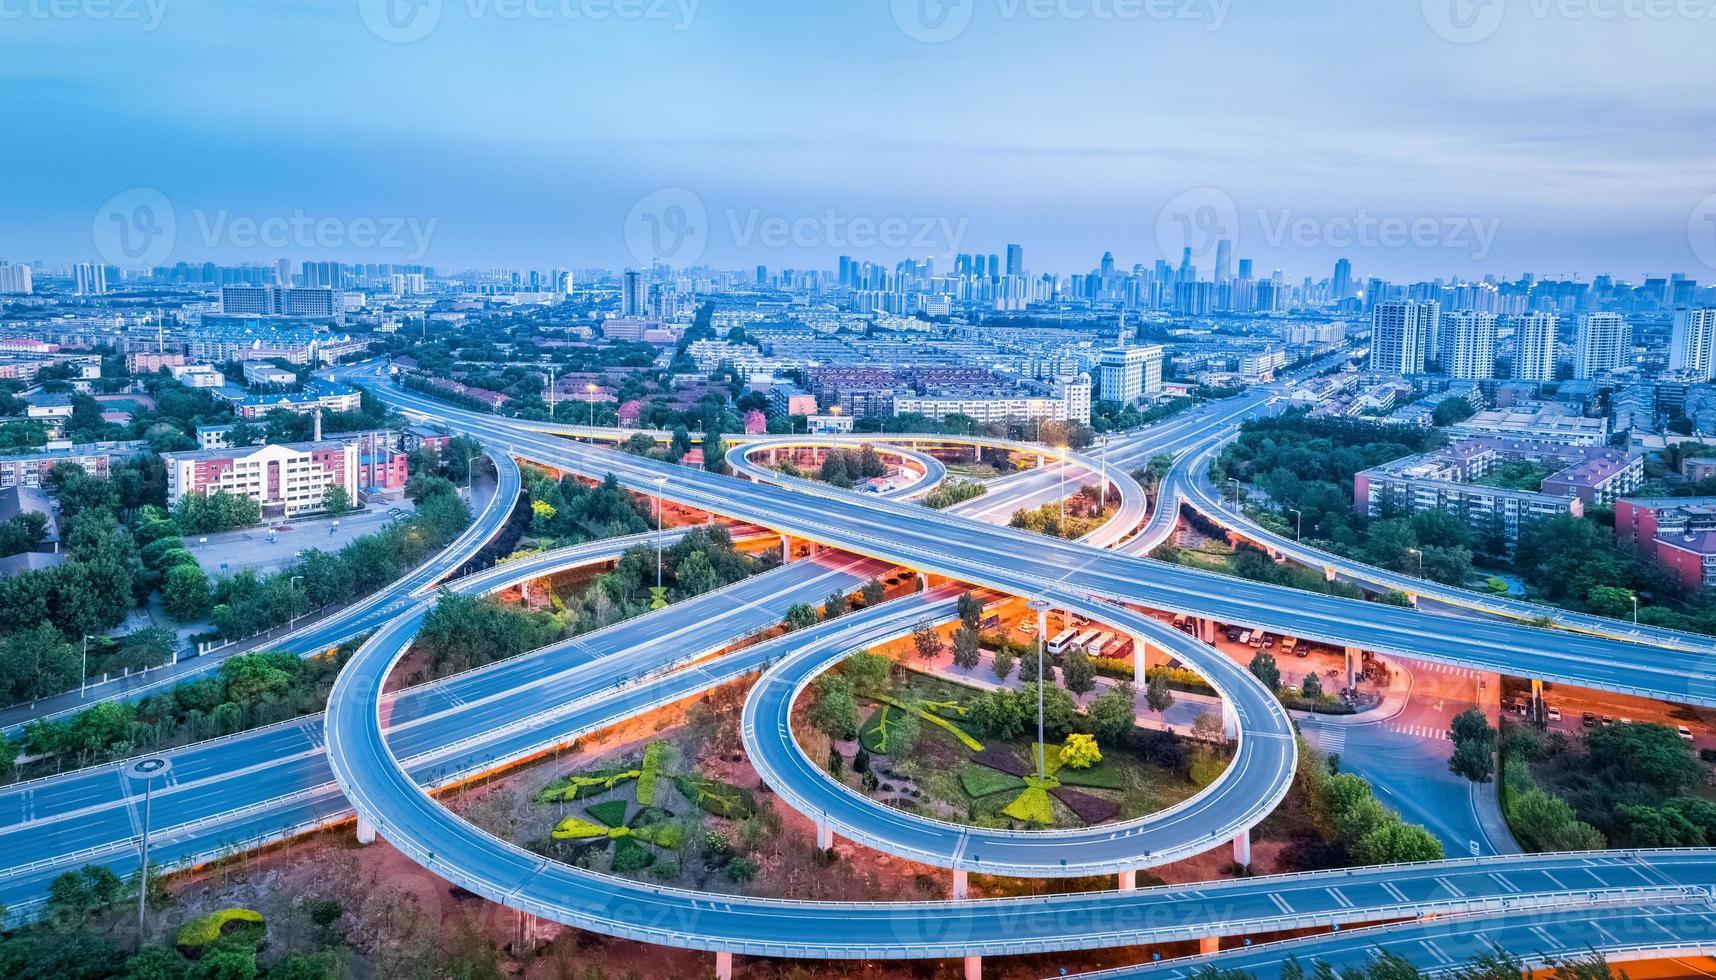 vue panoramique de l'échangeur de la ville photo